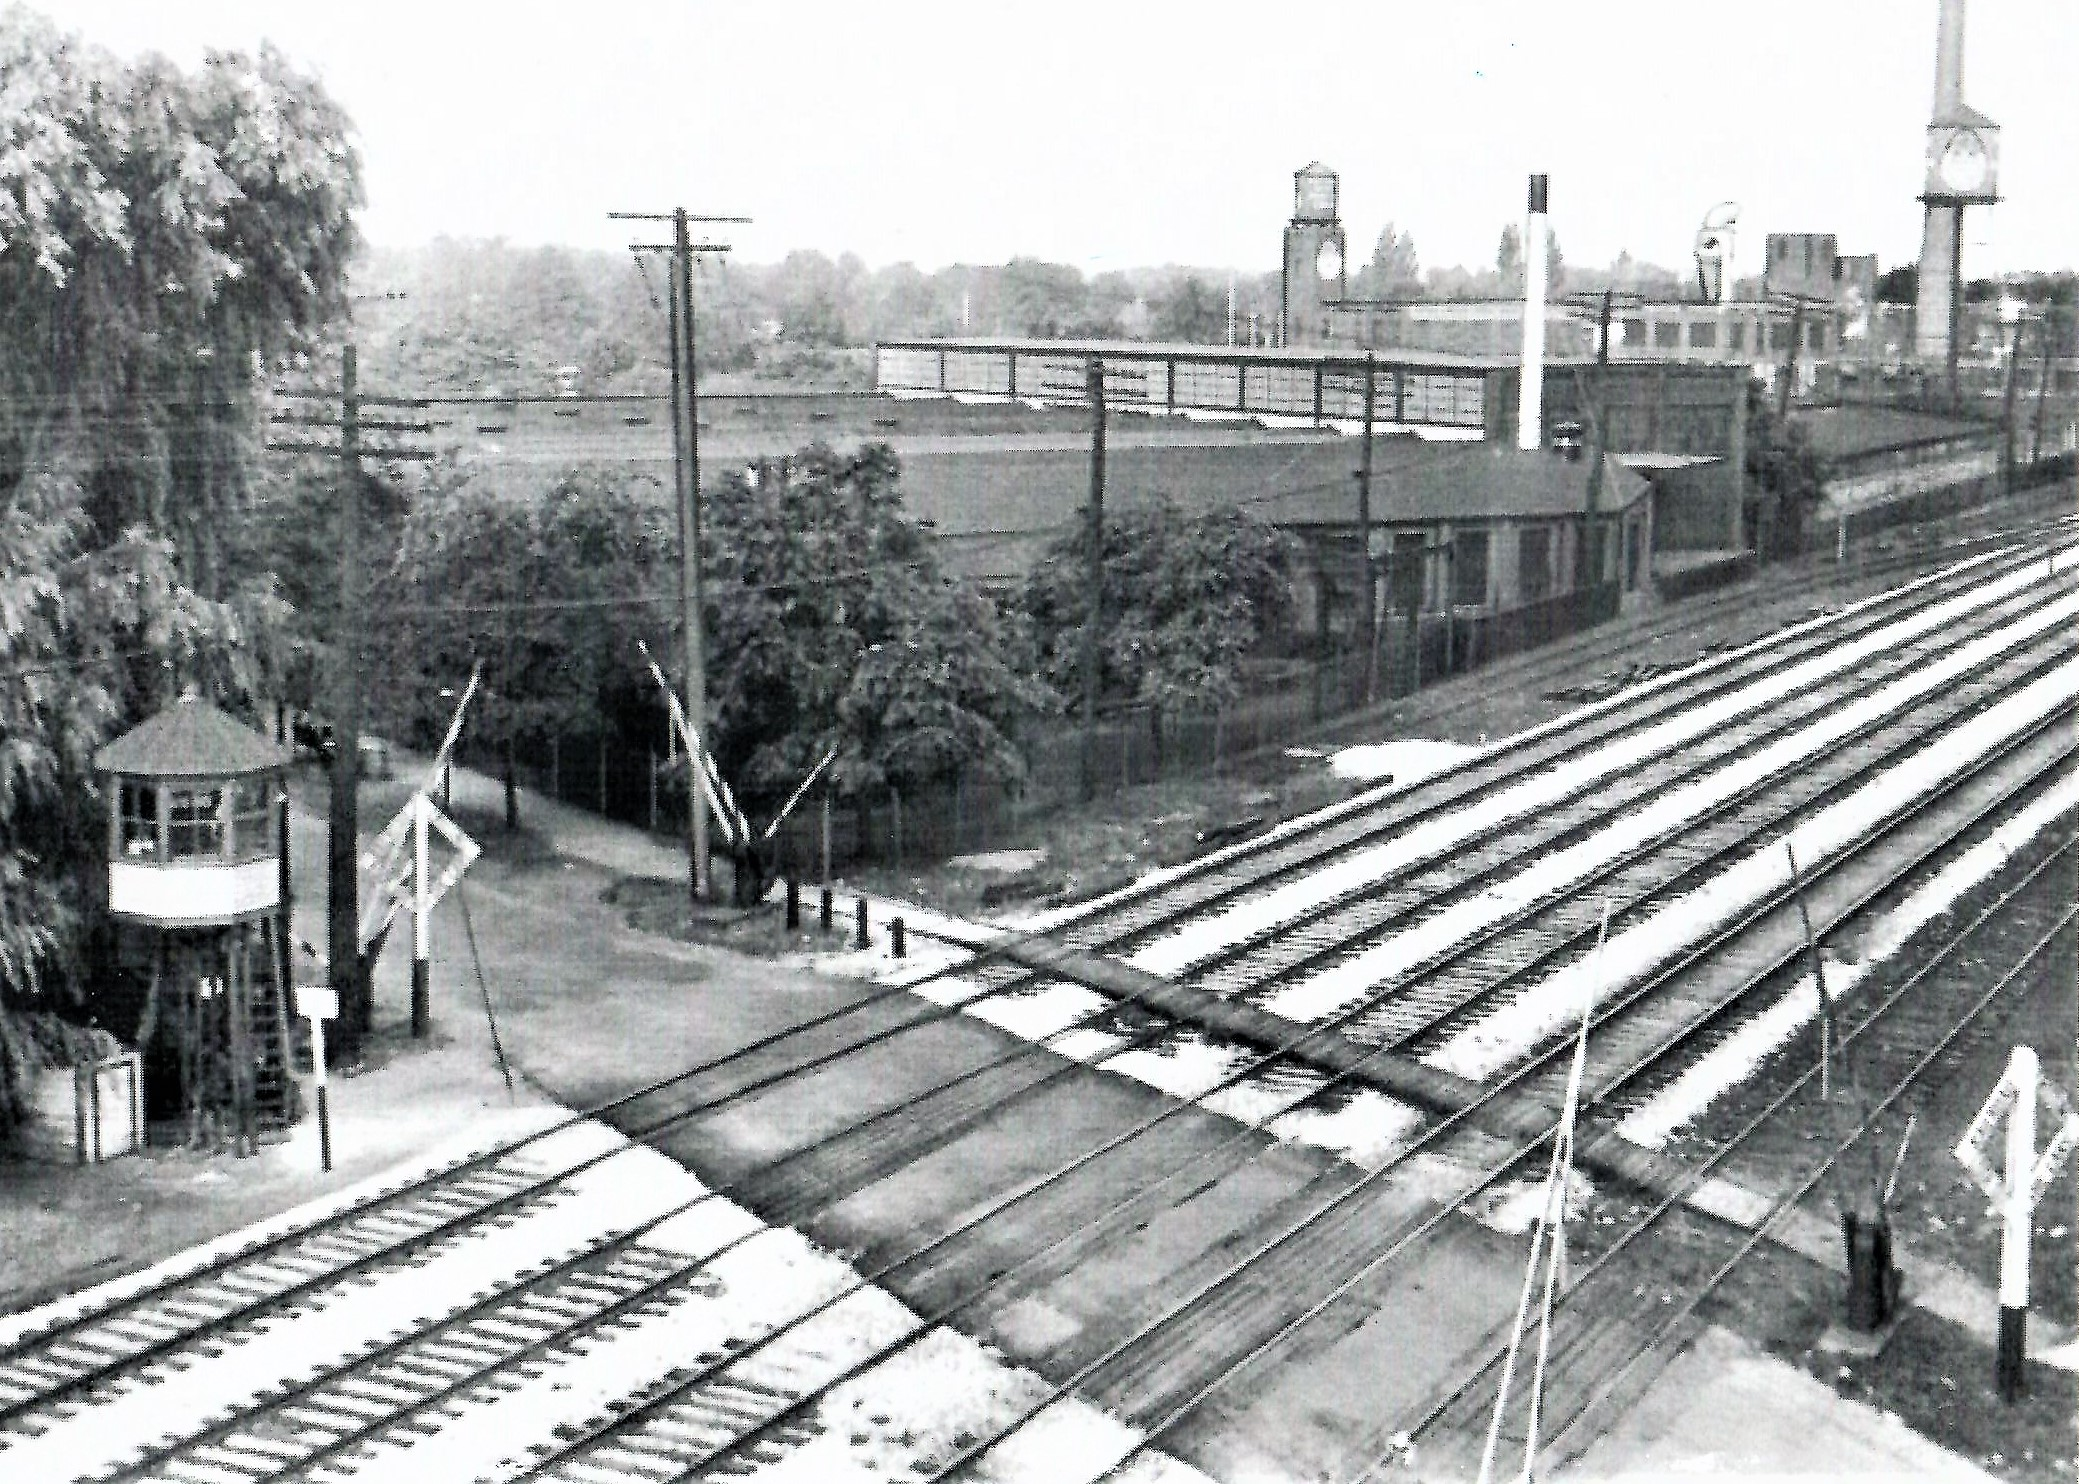 East 105 RR Crossing